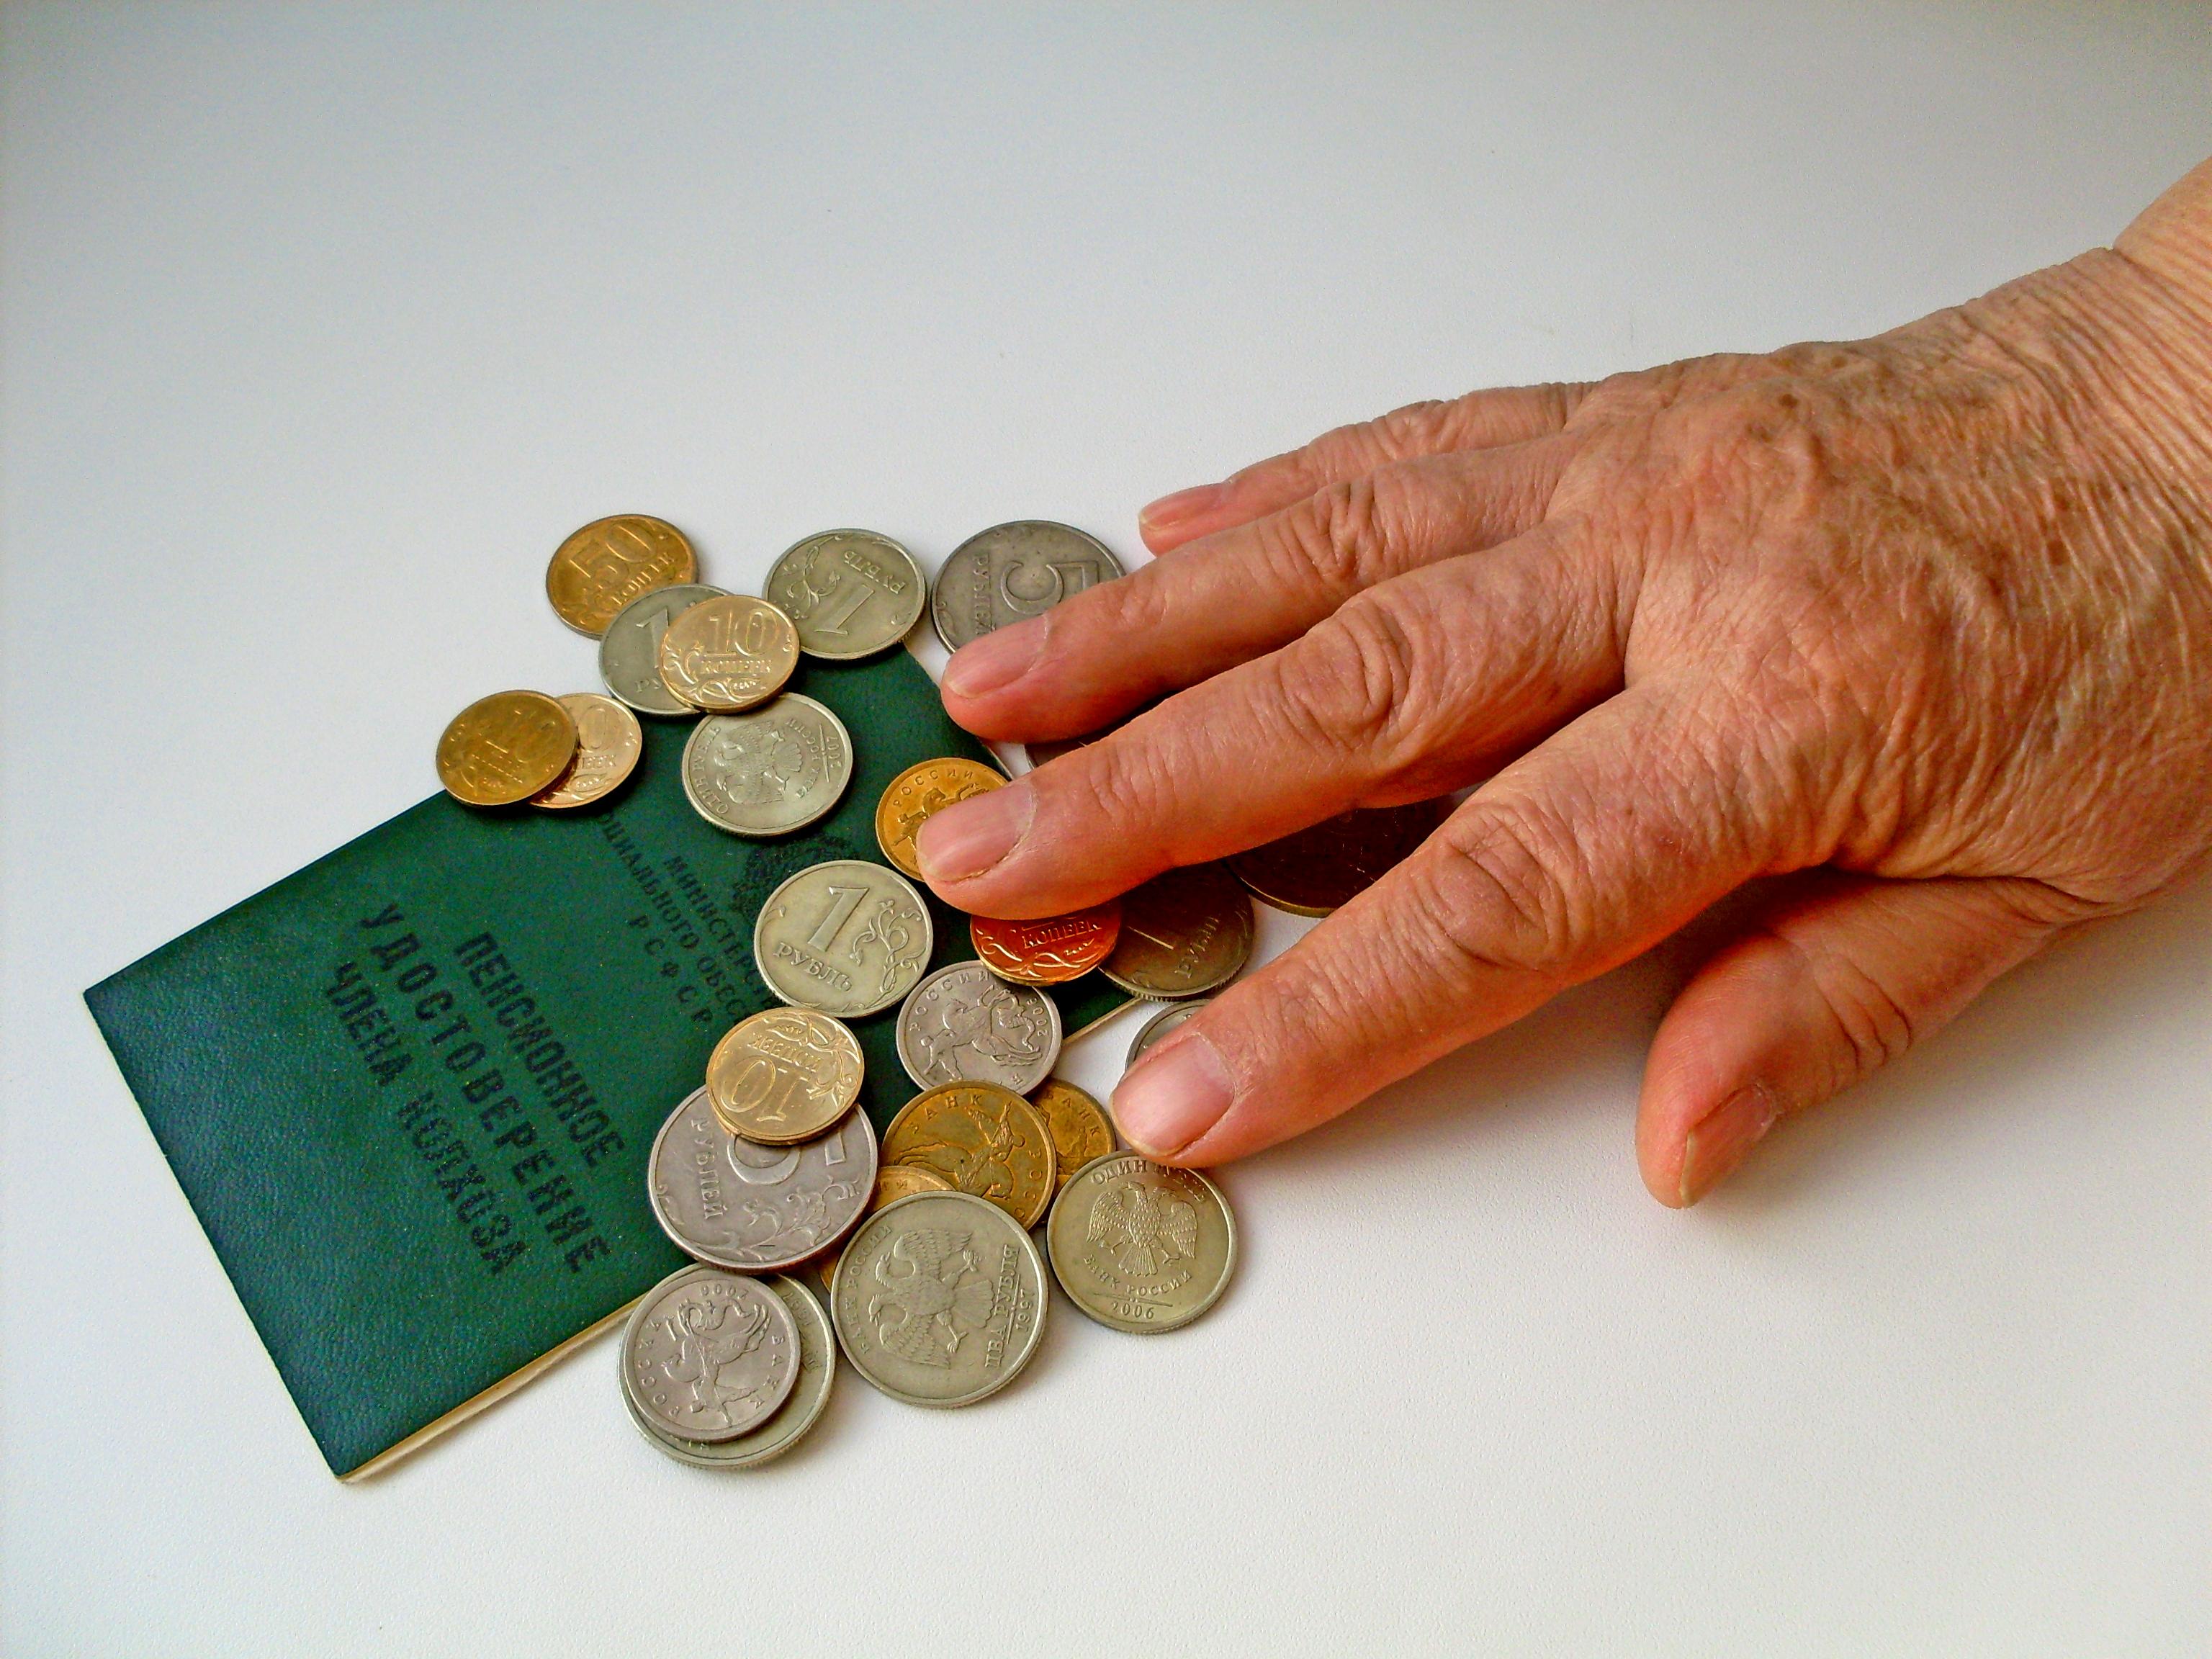 Льготы пенсионерам в 2019 году. Изменения, последние новости в 2019 году